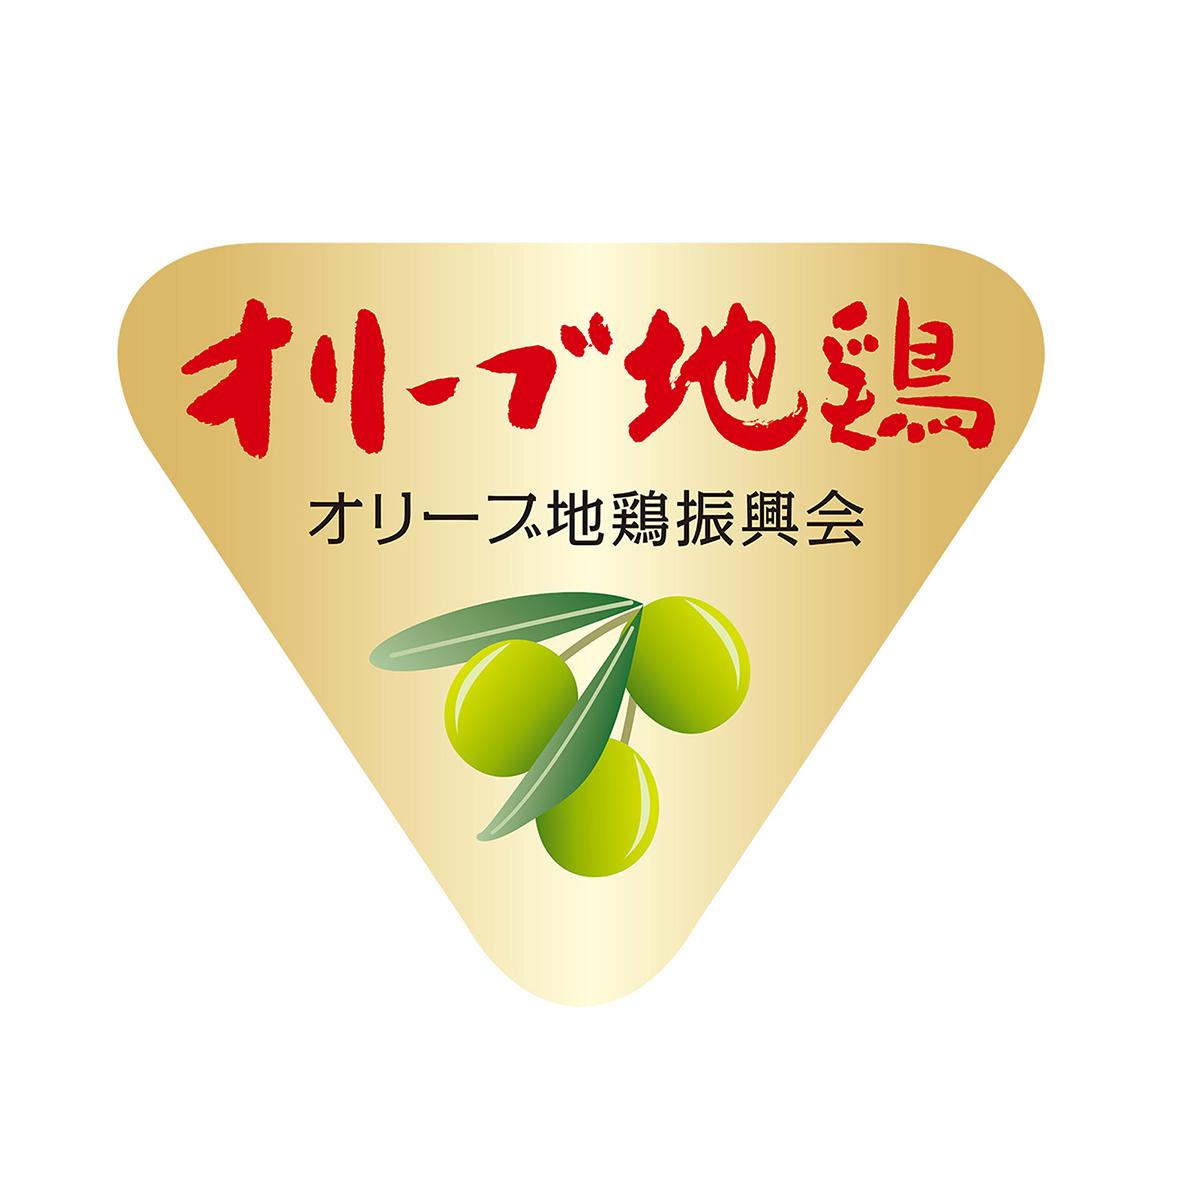 オリーブ地鶏 ブランディングデザイン